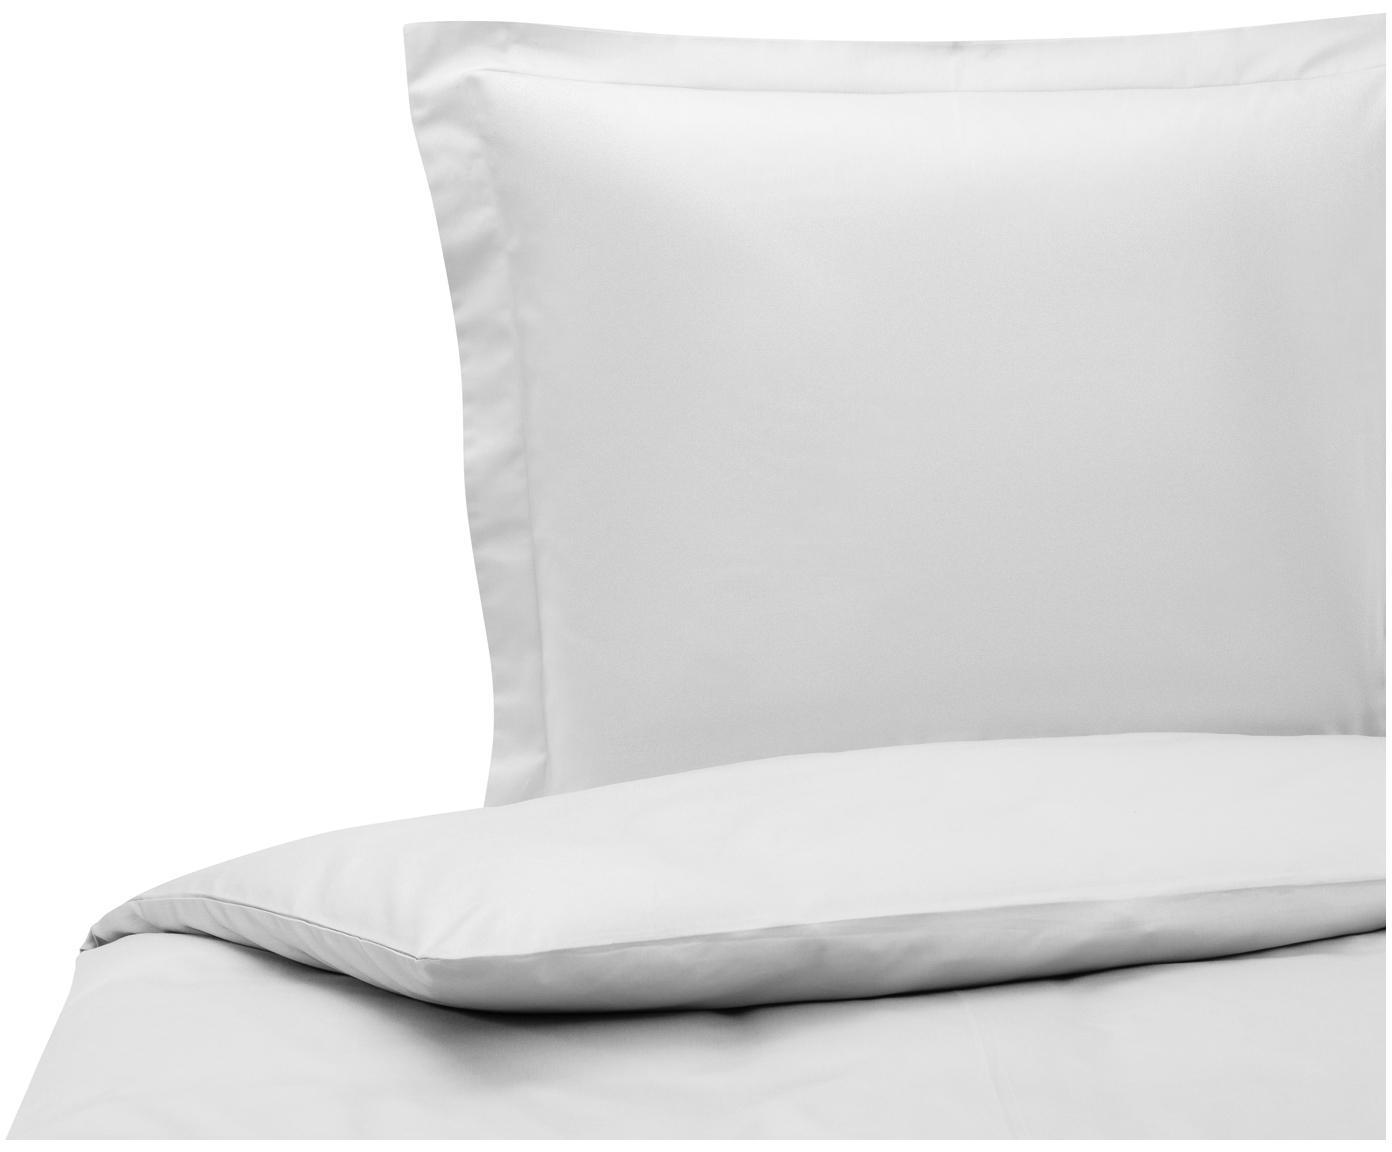 Katoensatijnen dekbedovertrek Premium, Weeftechniek: satijn, licht glanzend, Lichtgrijs, 140 x 200 cm